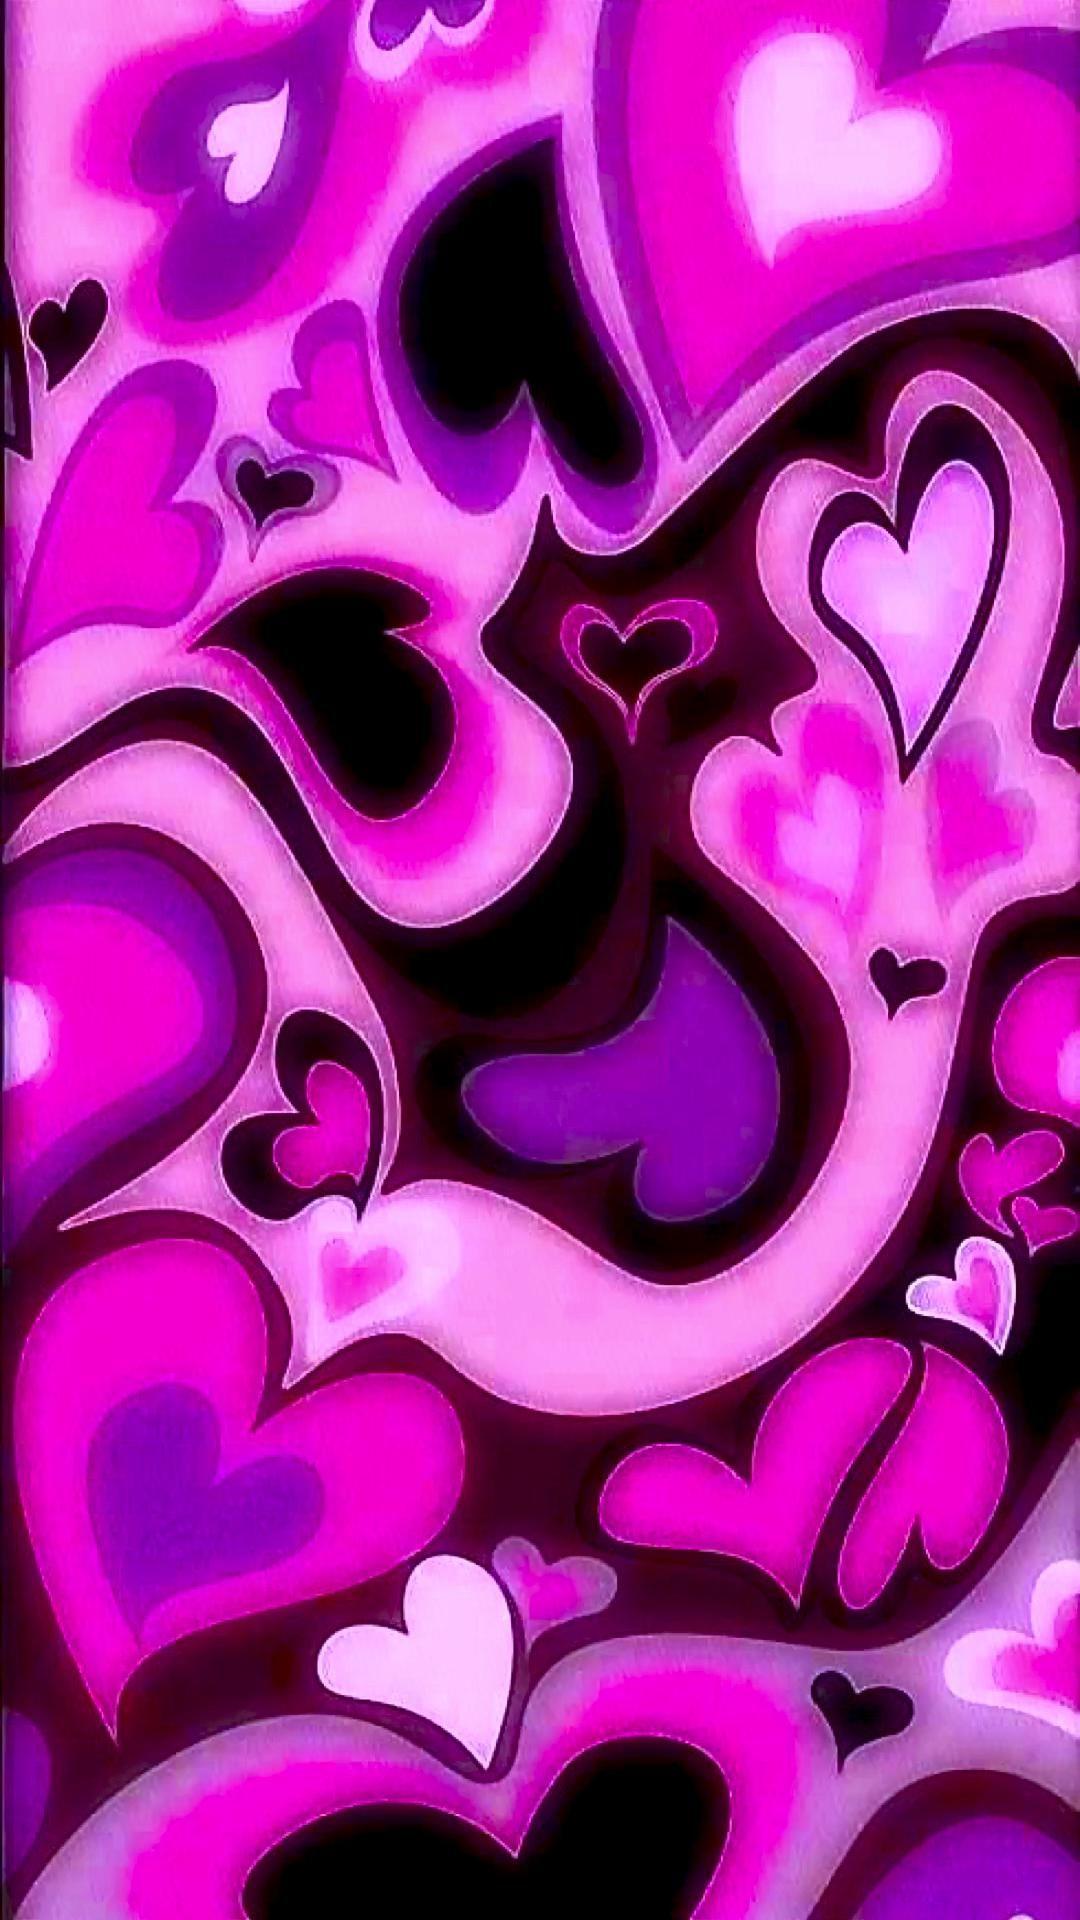 #2 heart wallpaper